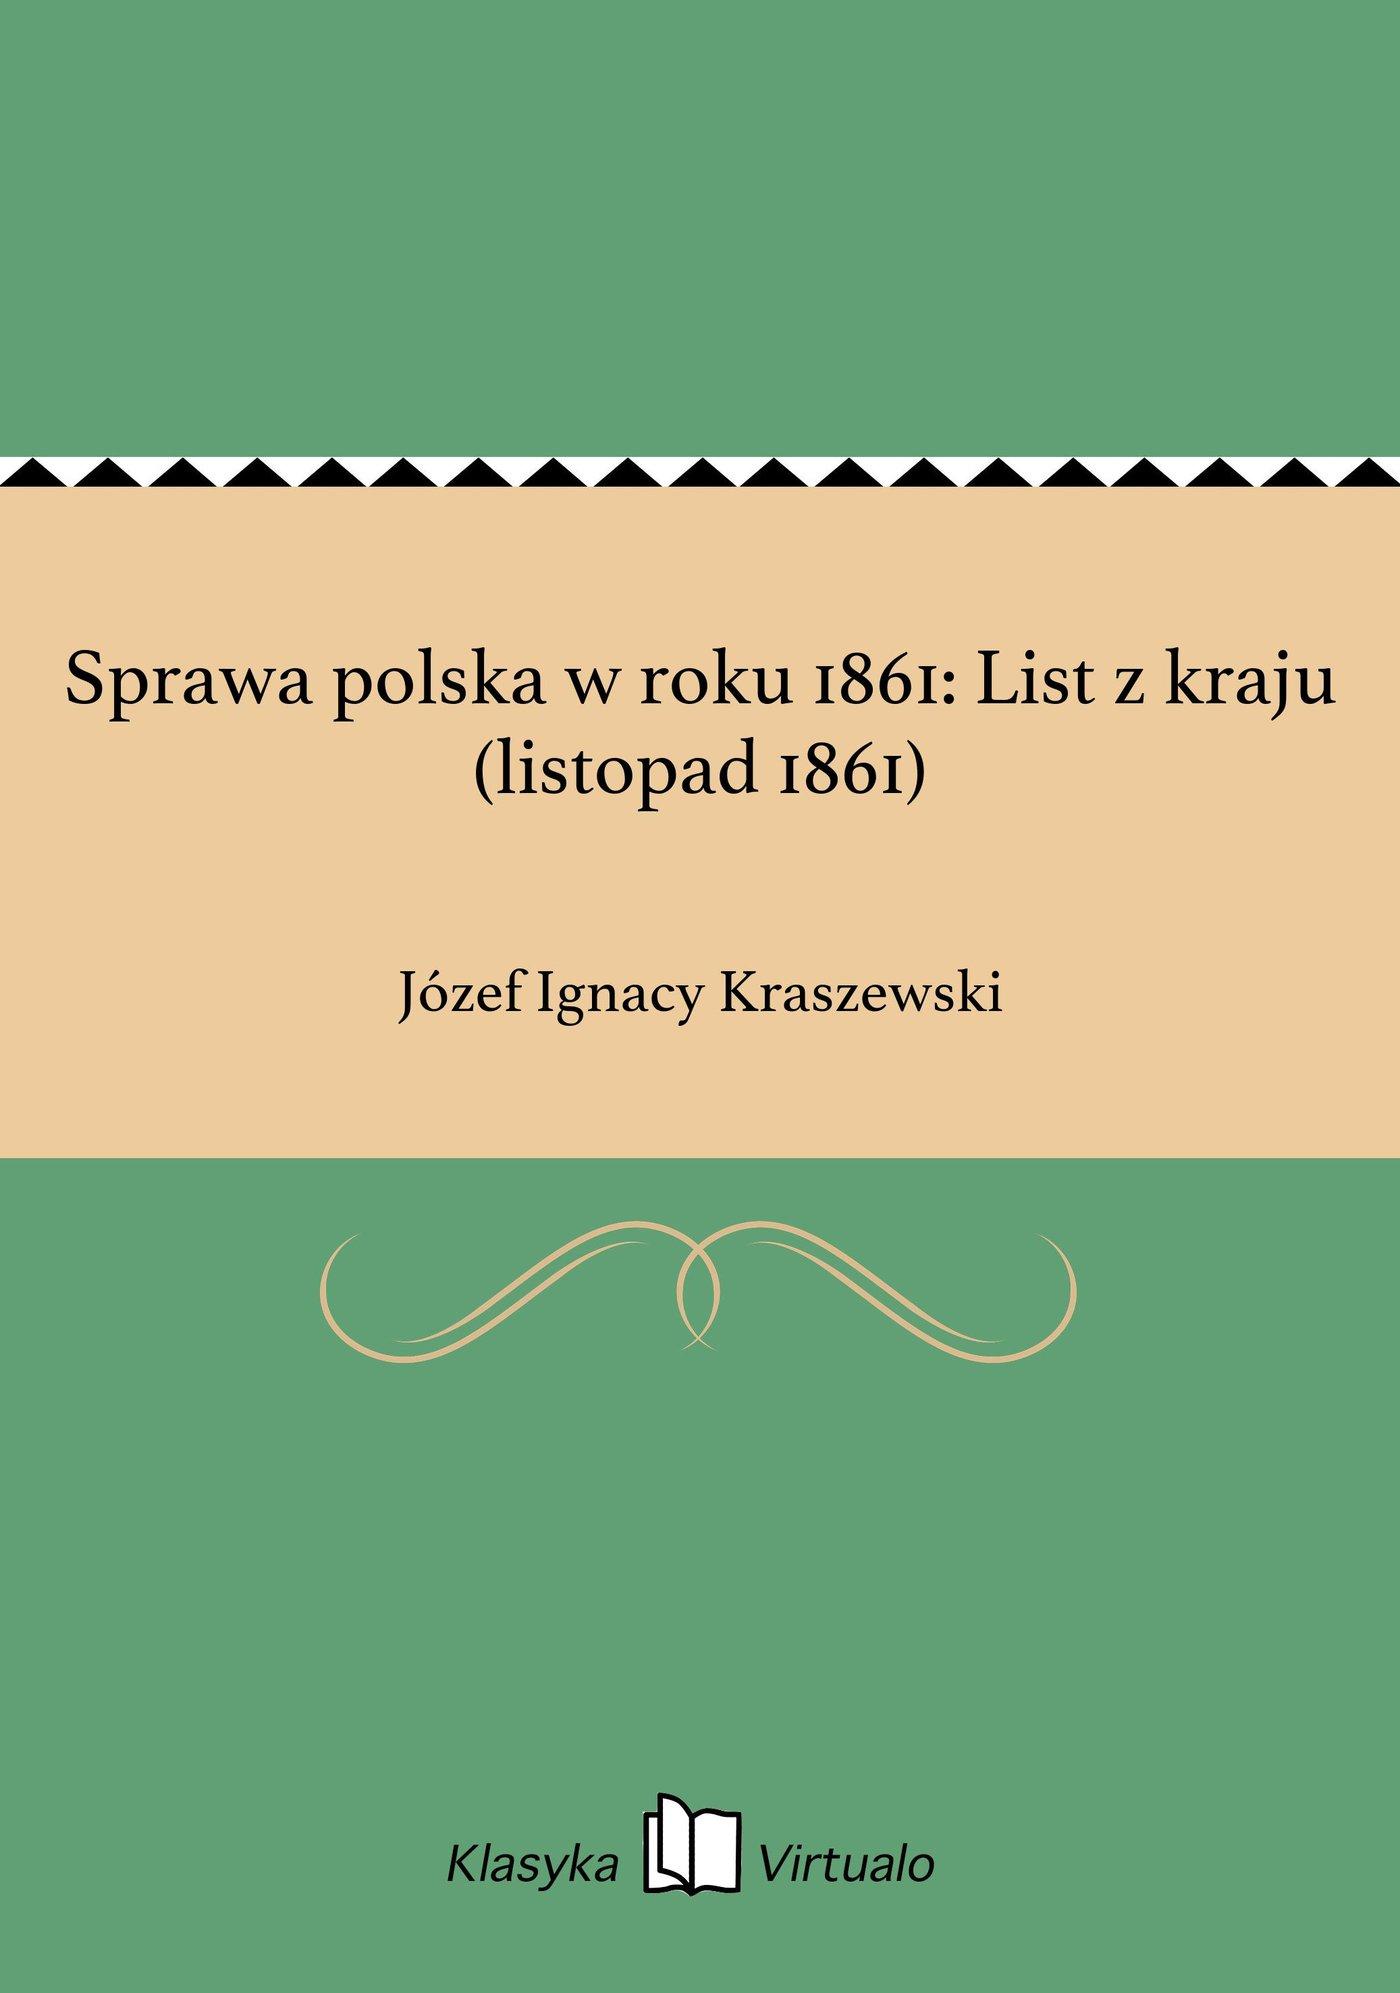 Sprawa polska w roku 1861: List z kraju (listopad 1861) - Ebook (Książka EPUB) do pobrania w formacie EPUB